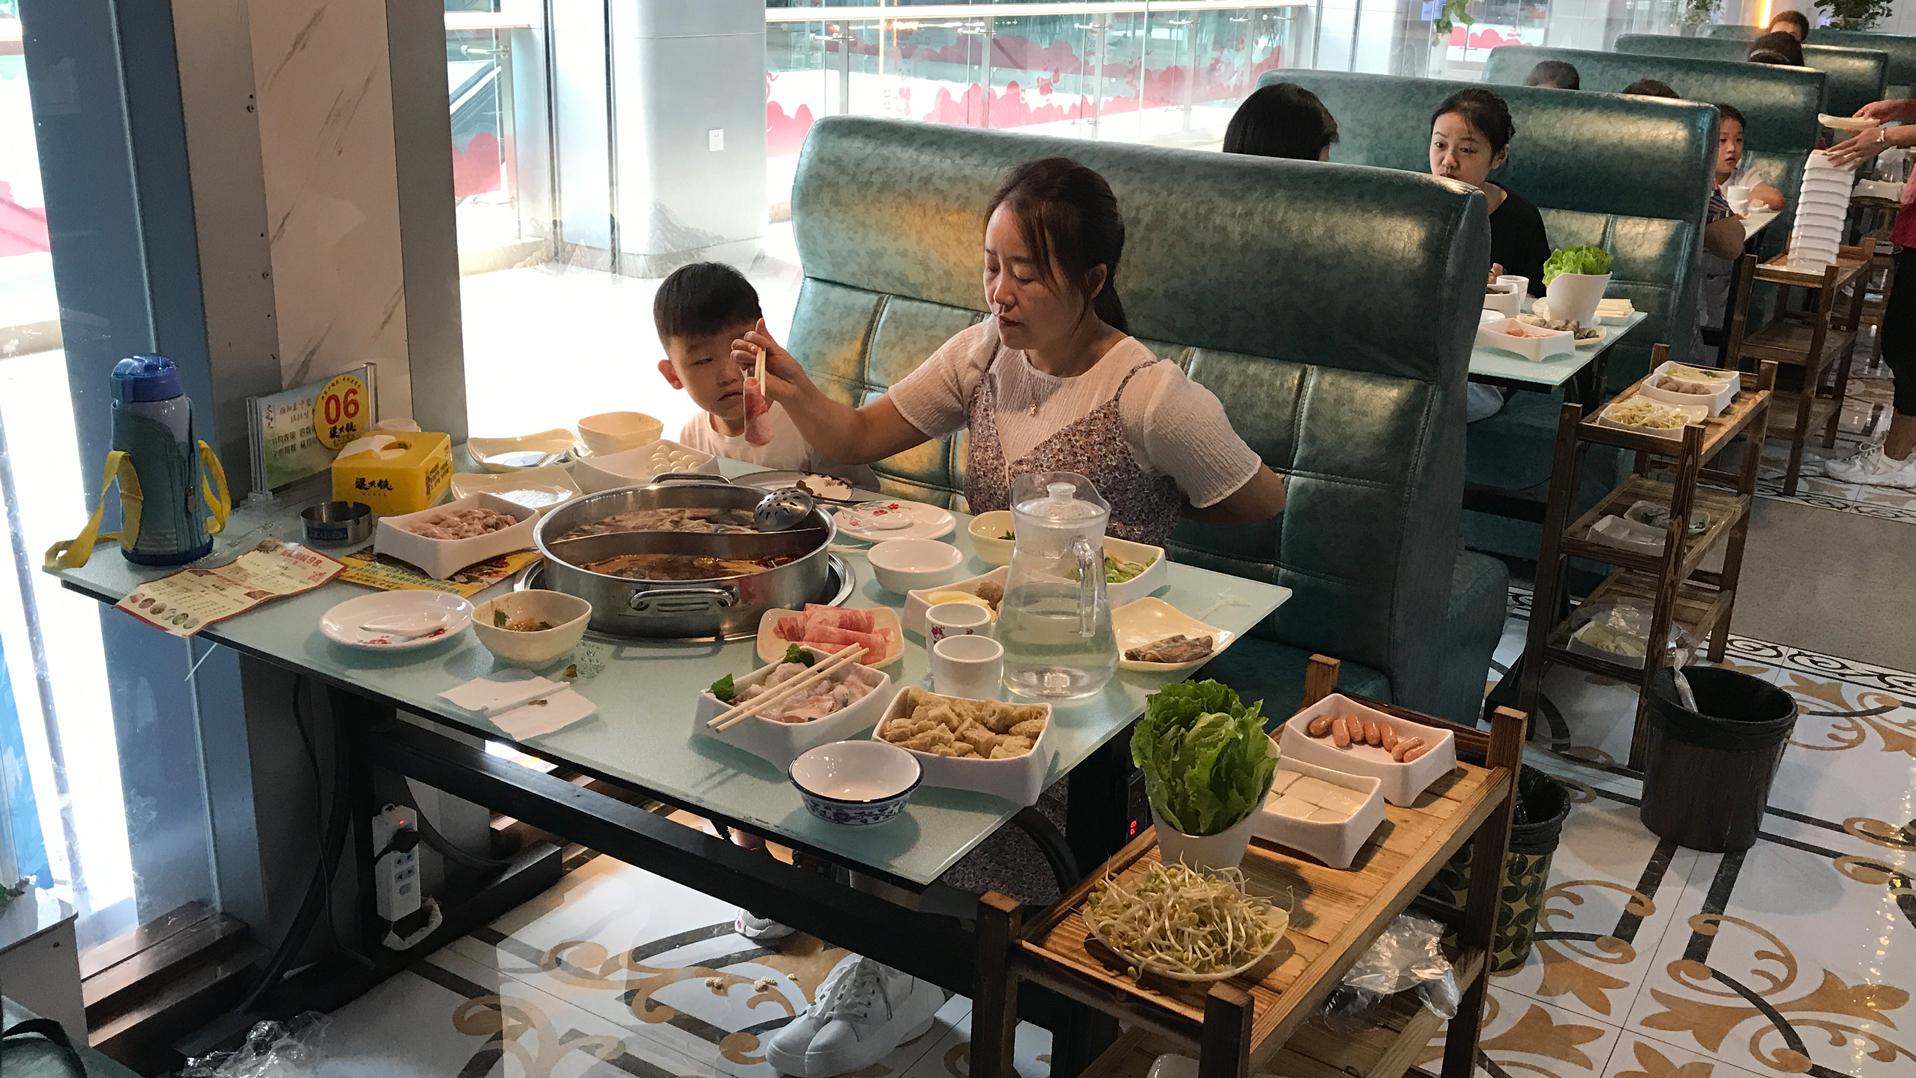 小夫妻出门吃饭,买98元的火锅套餐,送17份菜,媳妇觉得真实惠